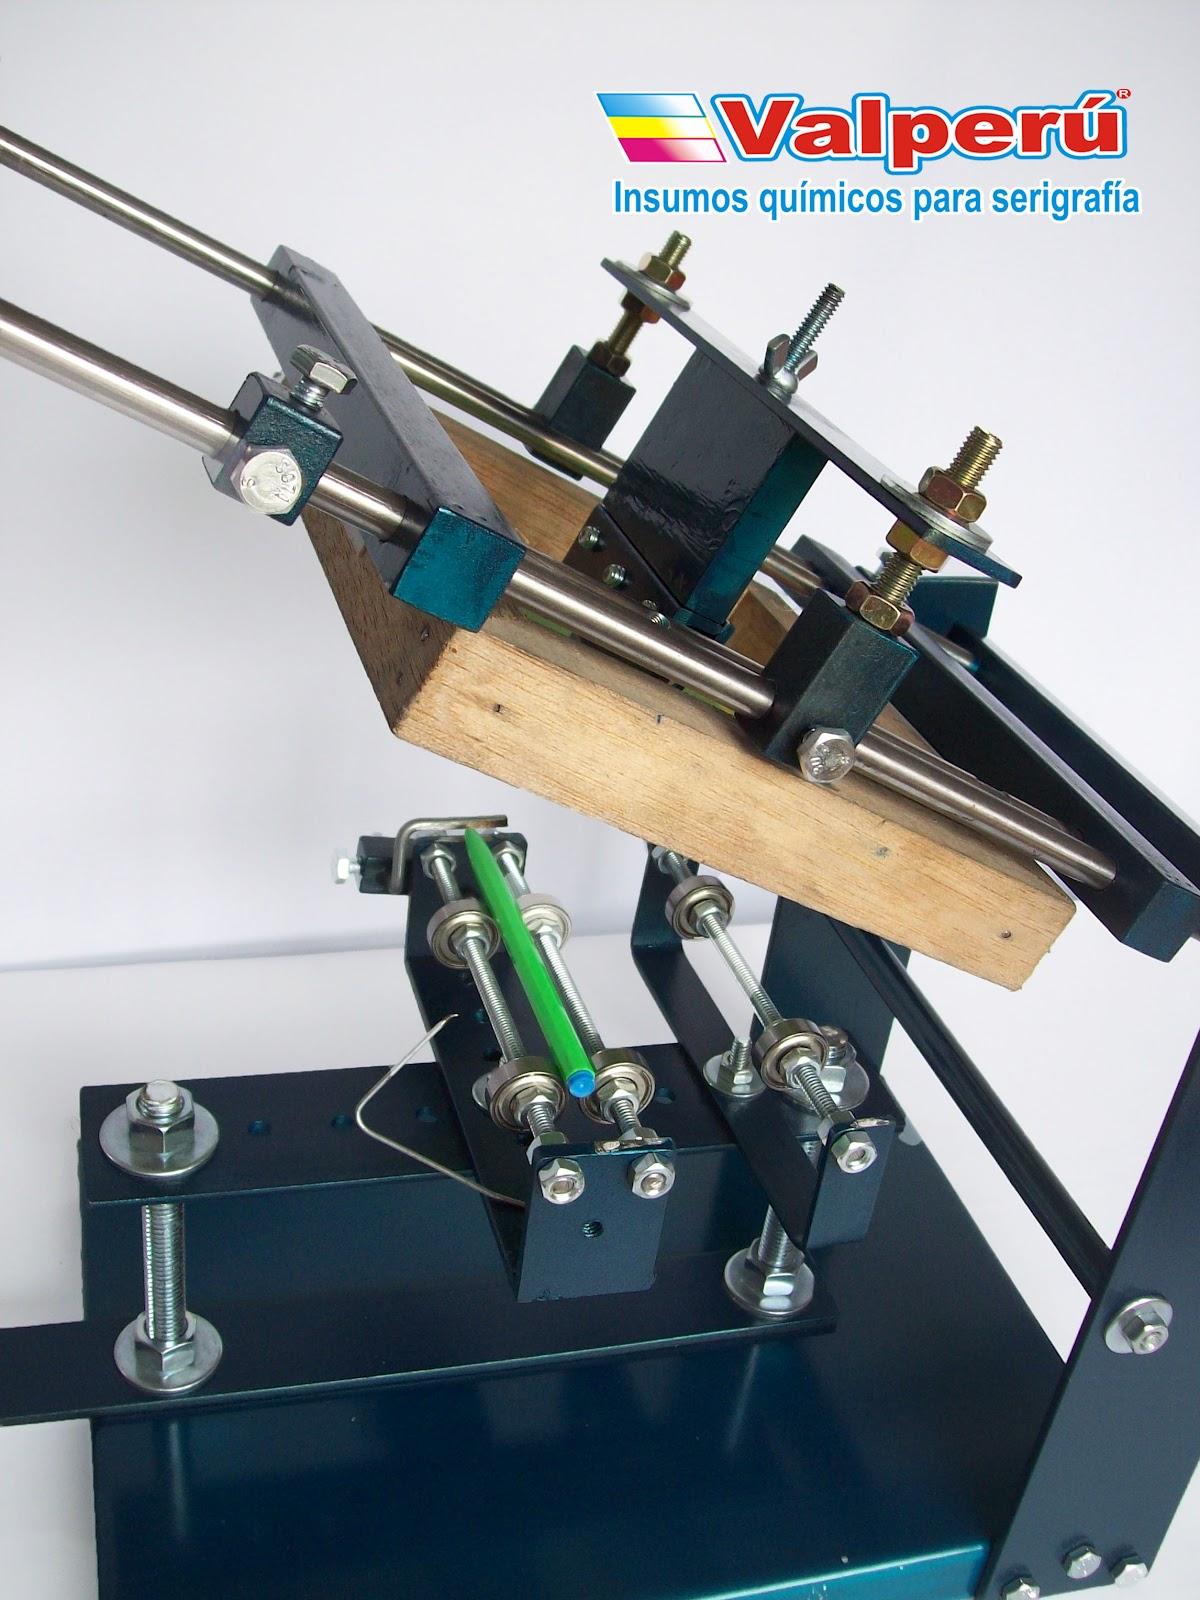 Valperu Maquina Impresora De Lapiceros Y Frascos